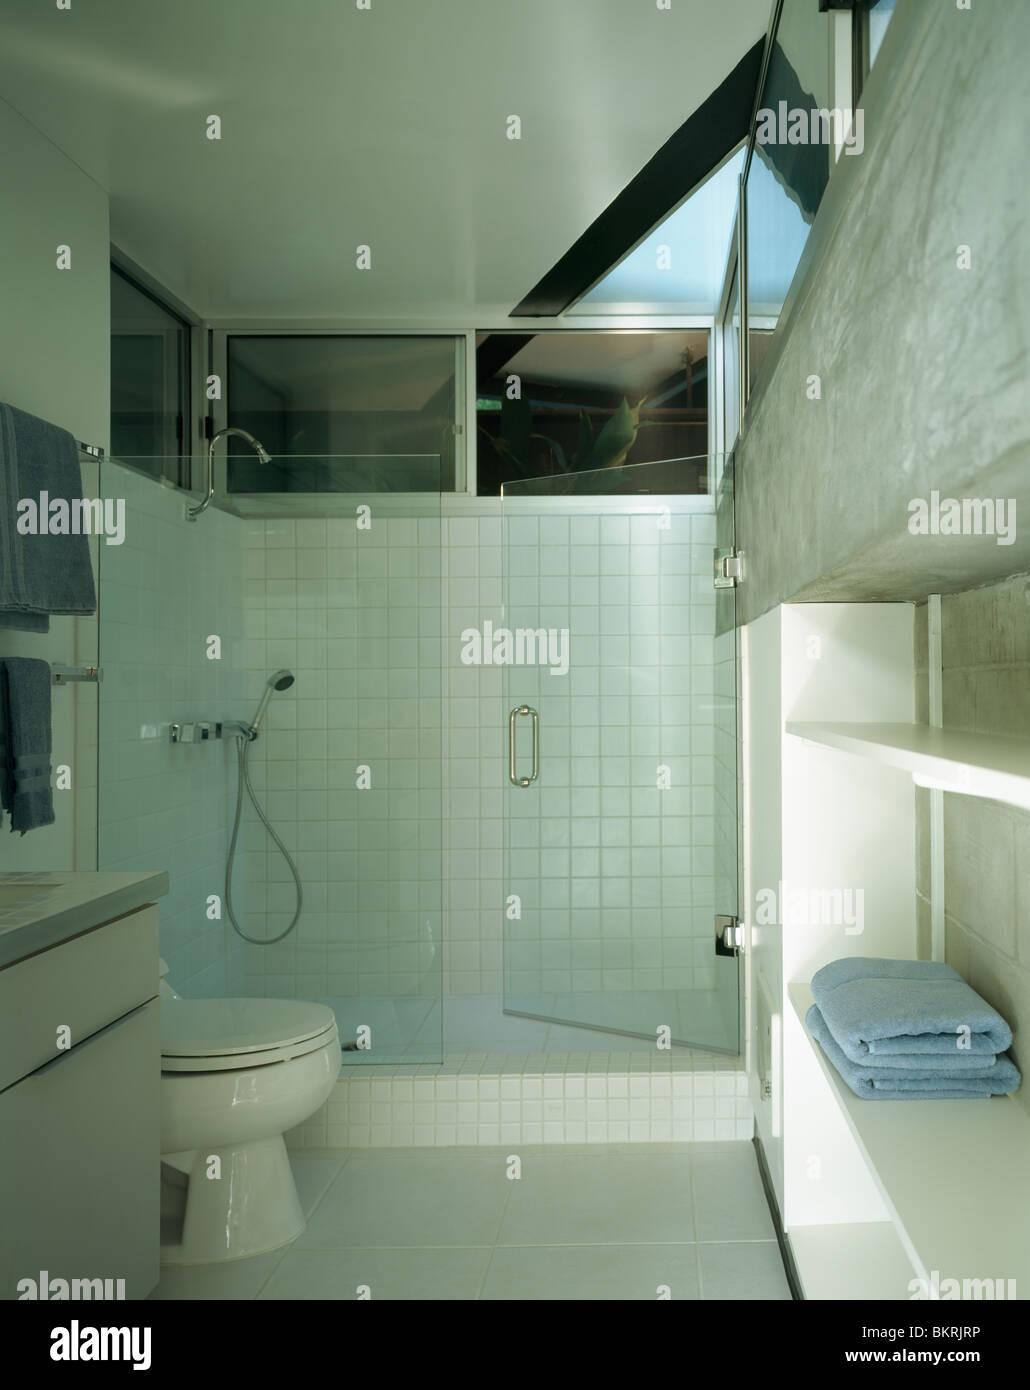 Glastüren in weiß gefliesten Badezimmer Dusche Stockfoto, Bild ...